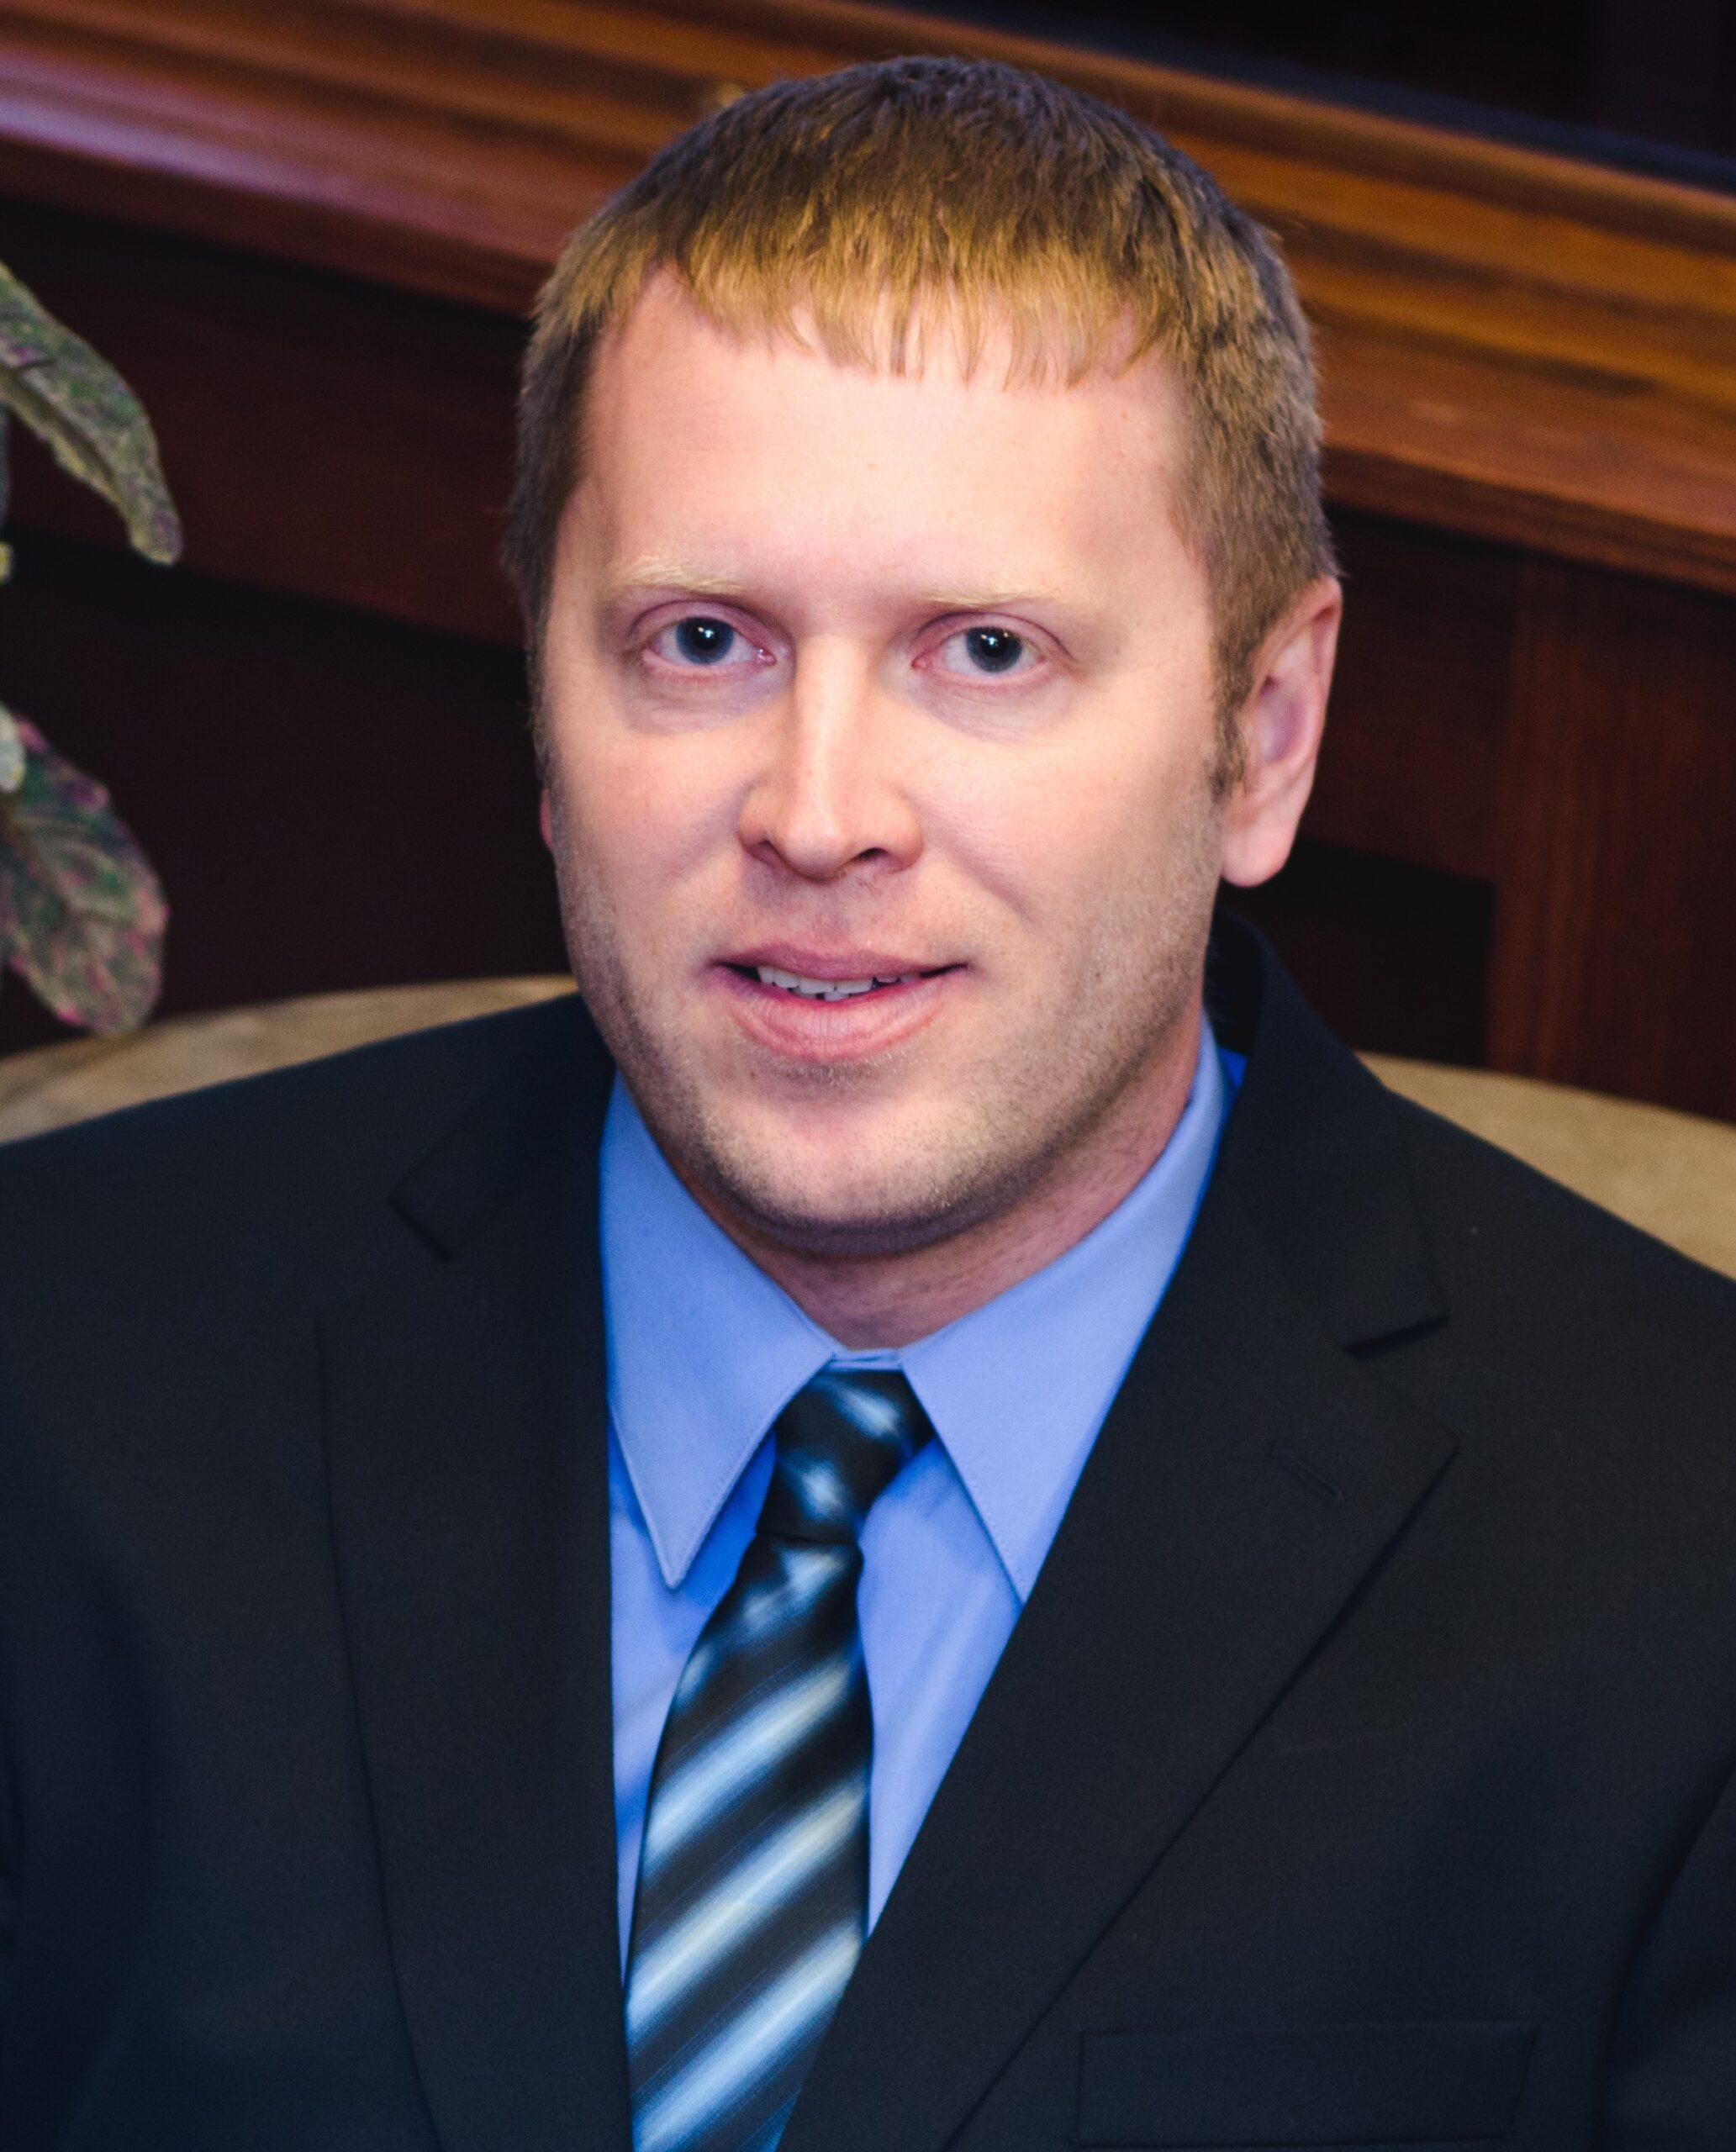 Mike Rosendahl